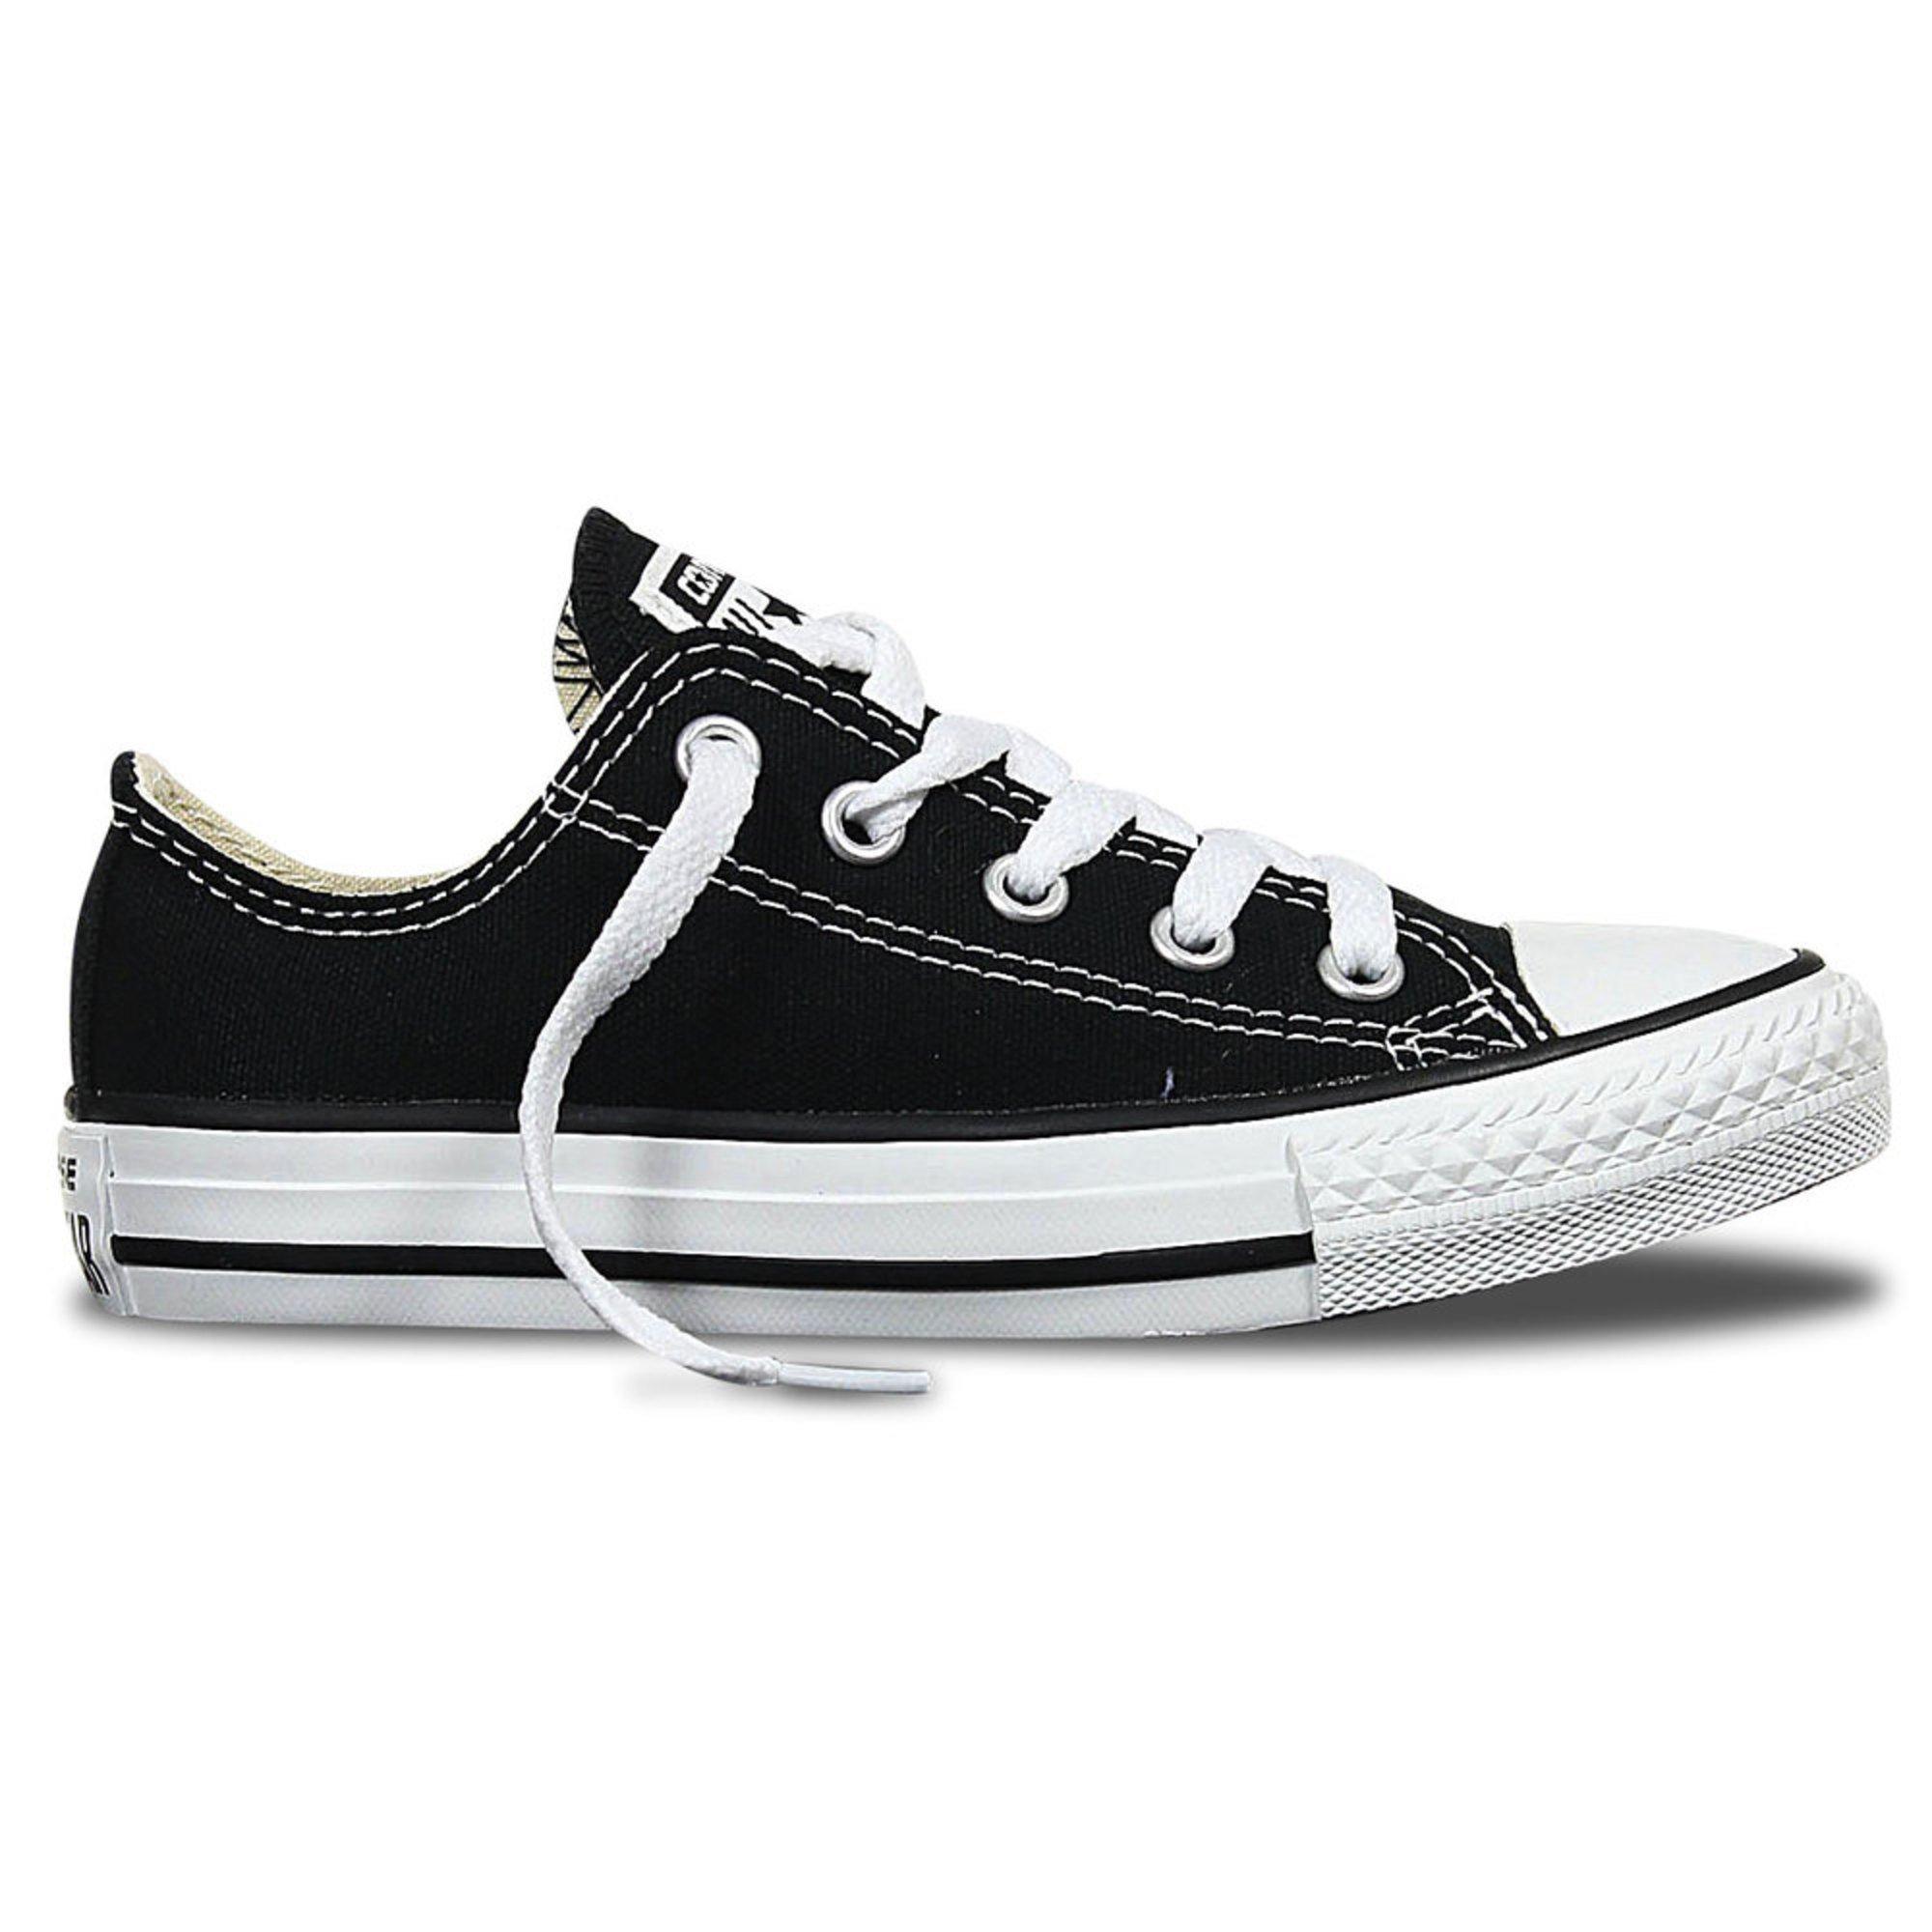 a3c06b468fe5 Converse Boys All Star Low Top Sneaker (little Kid)